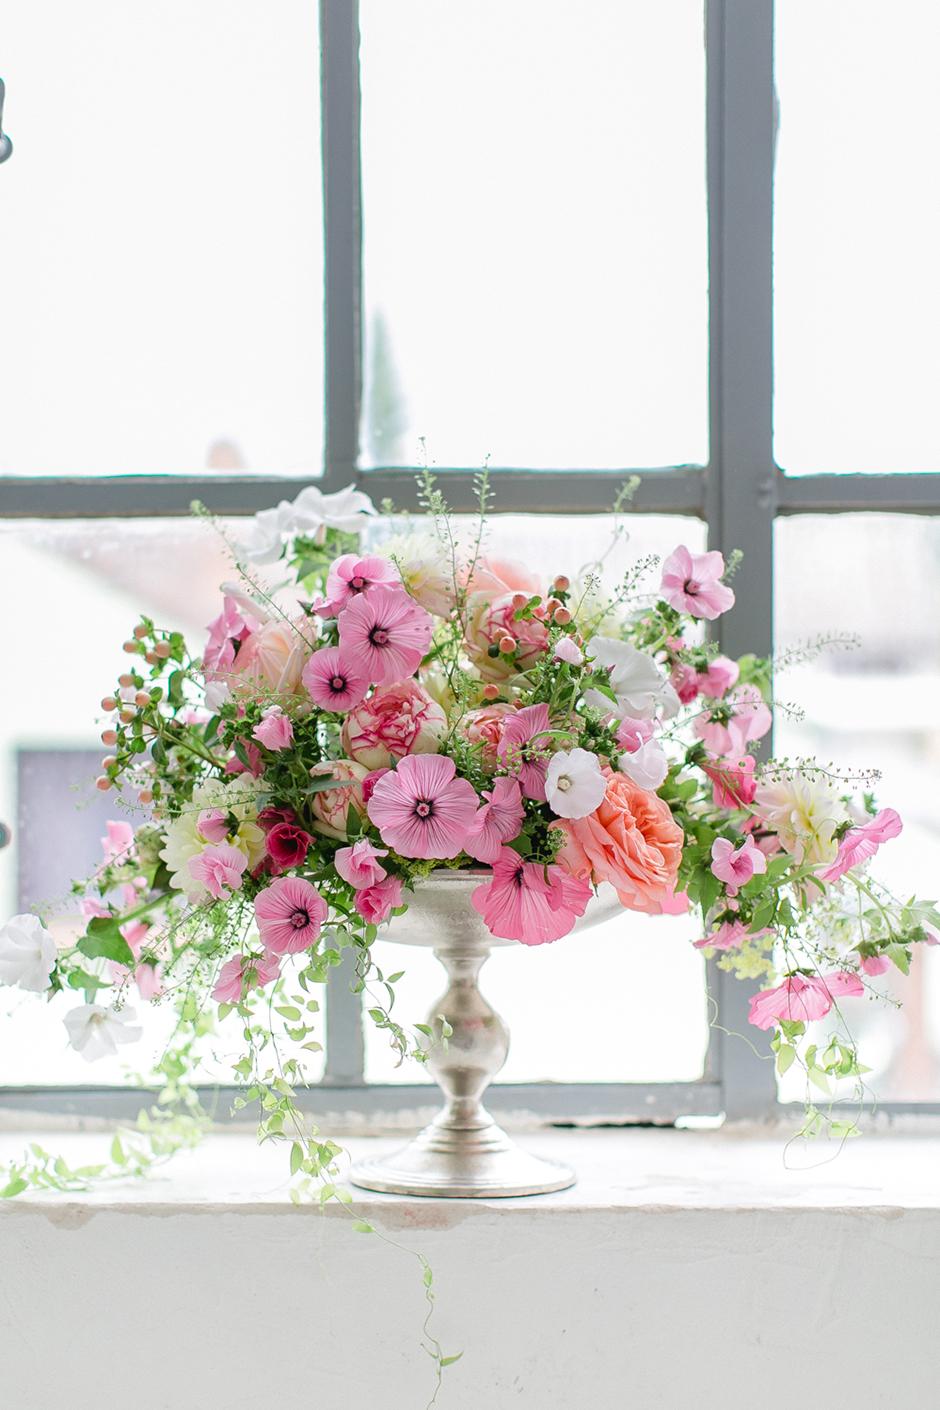 Diana Frohmueller Photography Blume des Monats 07 2016  15_